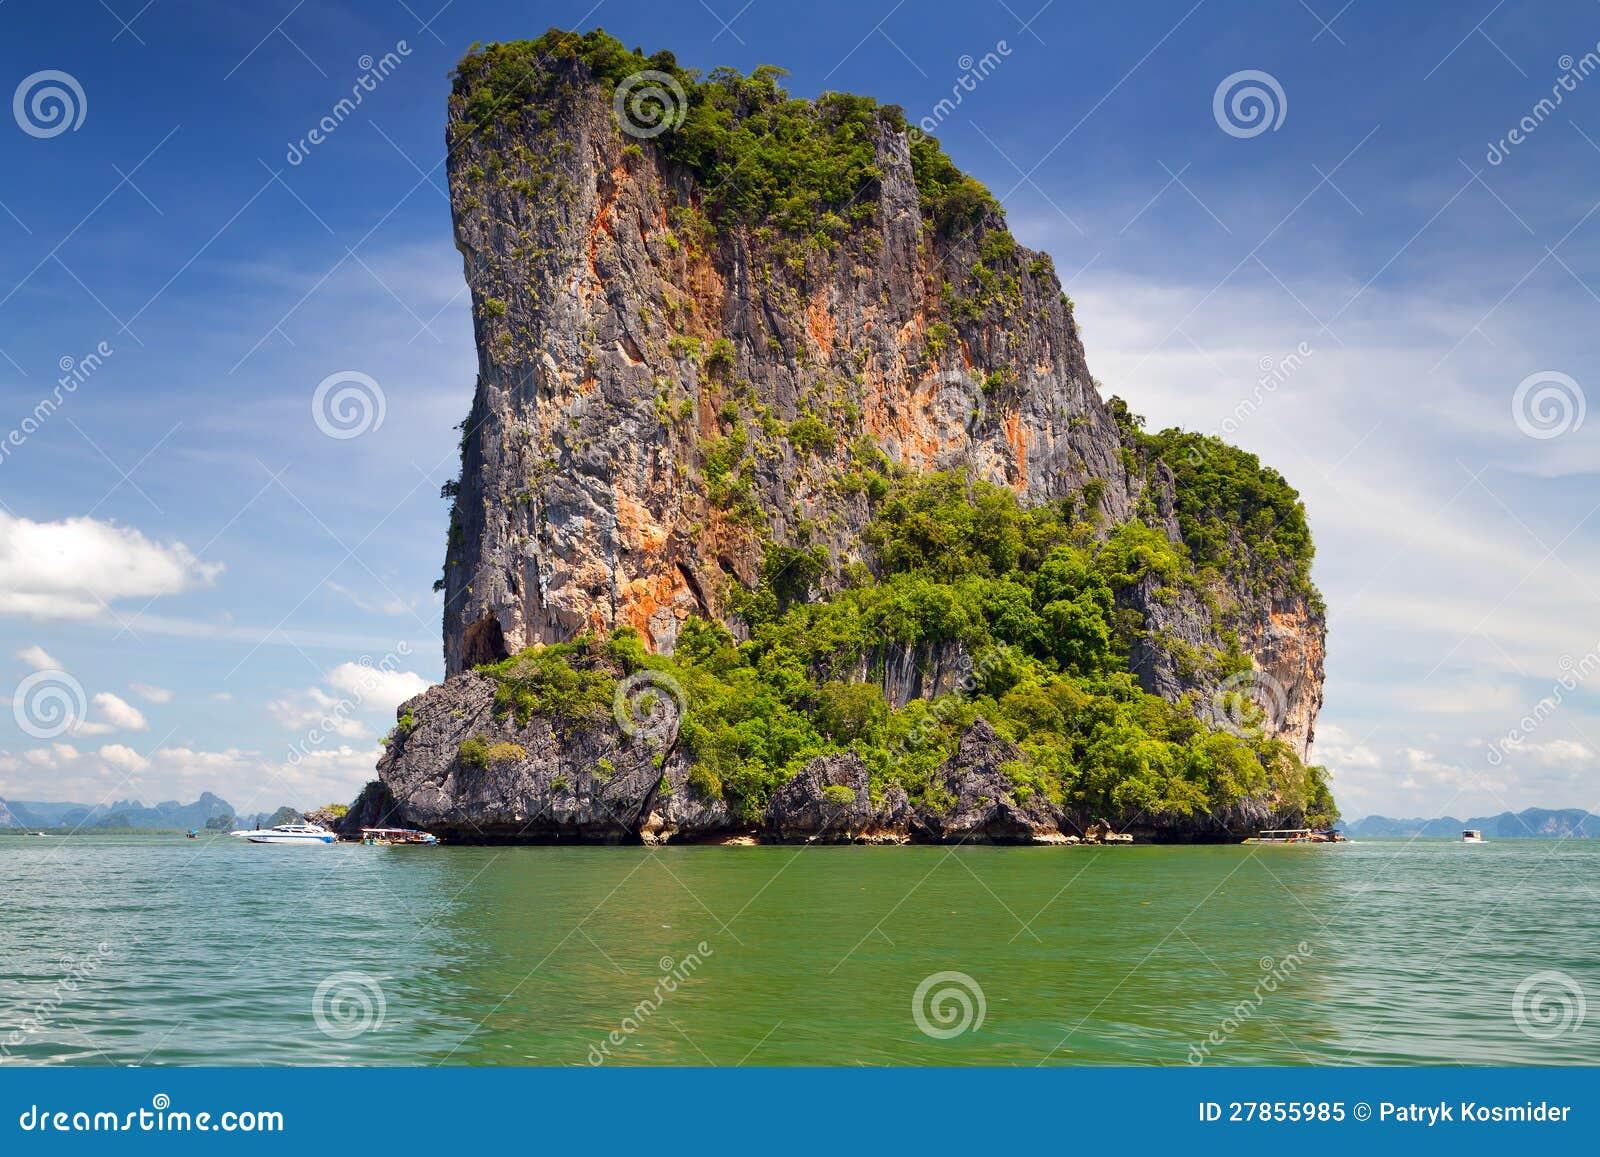 Skalista wyspa w Park Narodowy na Phang Nga Zatoce